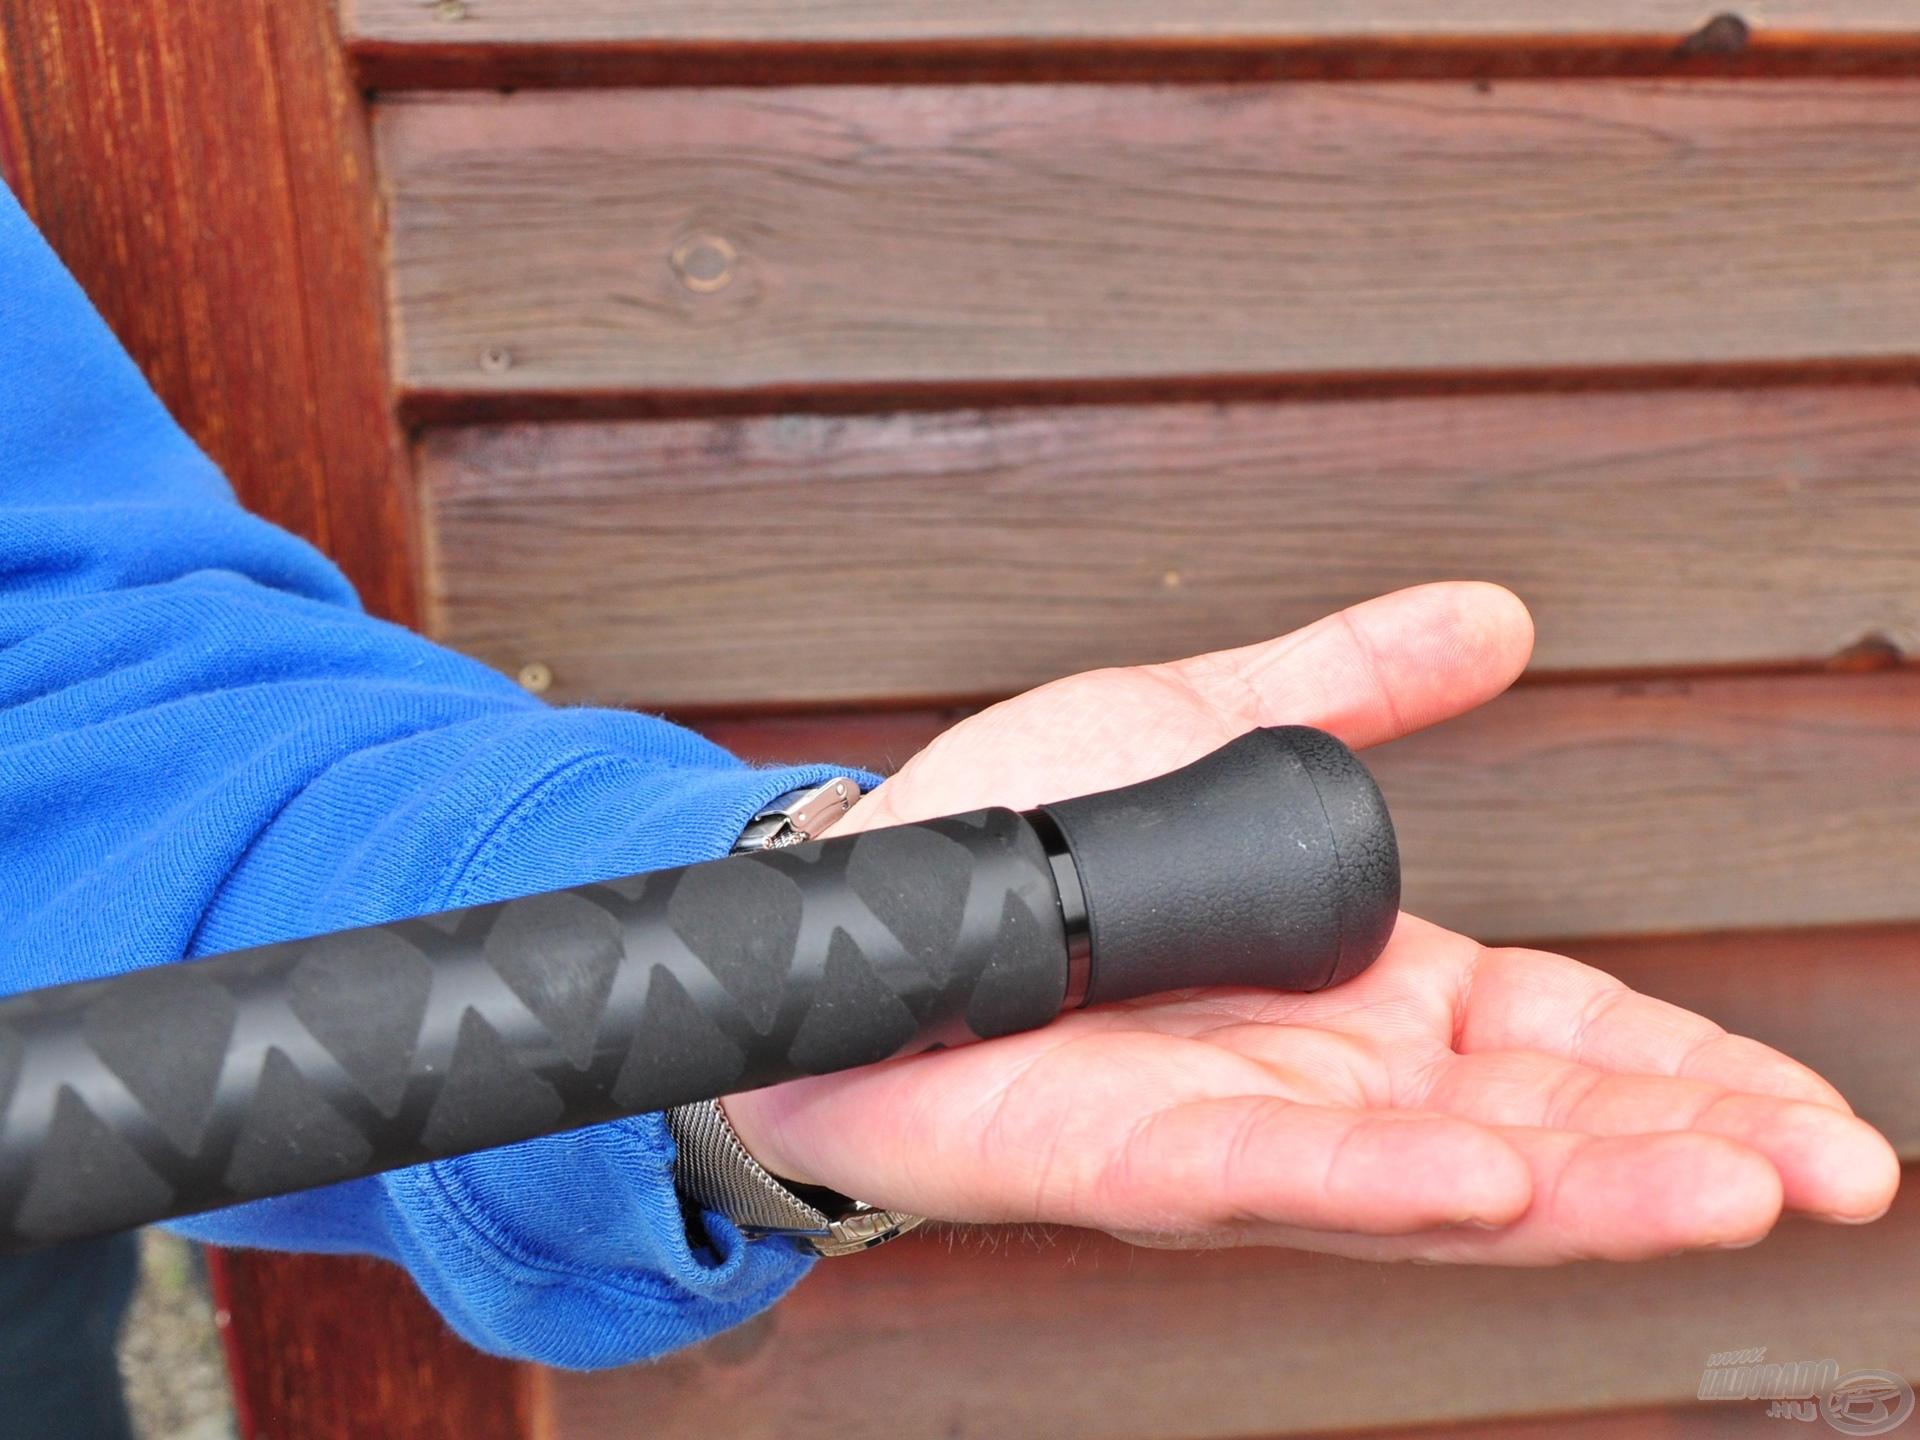 Nagyméretű gumi végdugója a fárasztás közben bekövetkező esetleges sérülésektől óvja meg a horgász combját